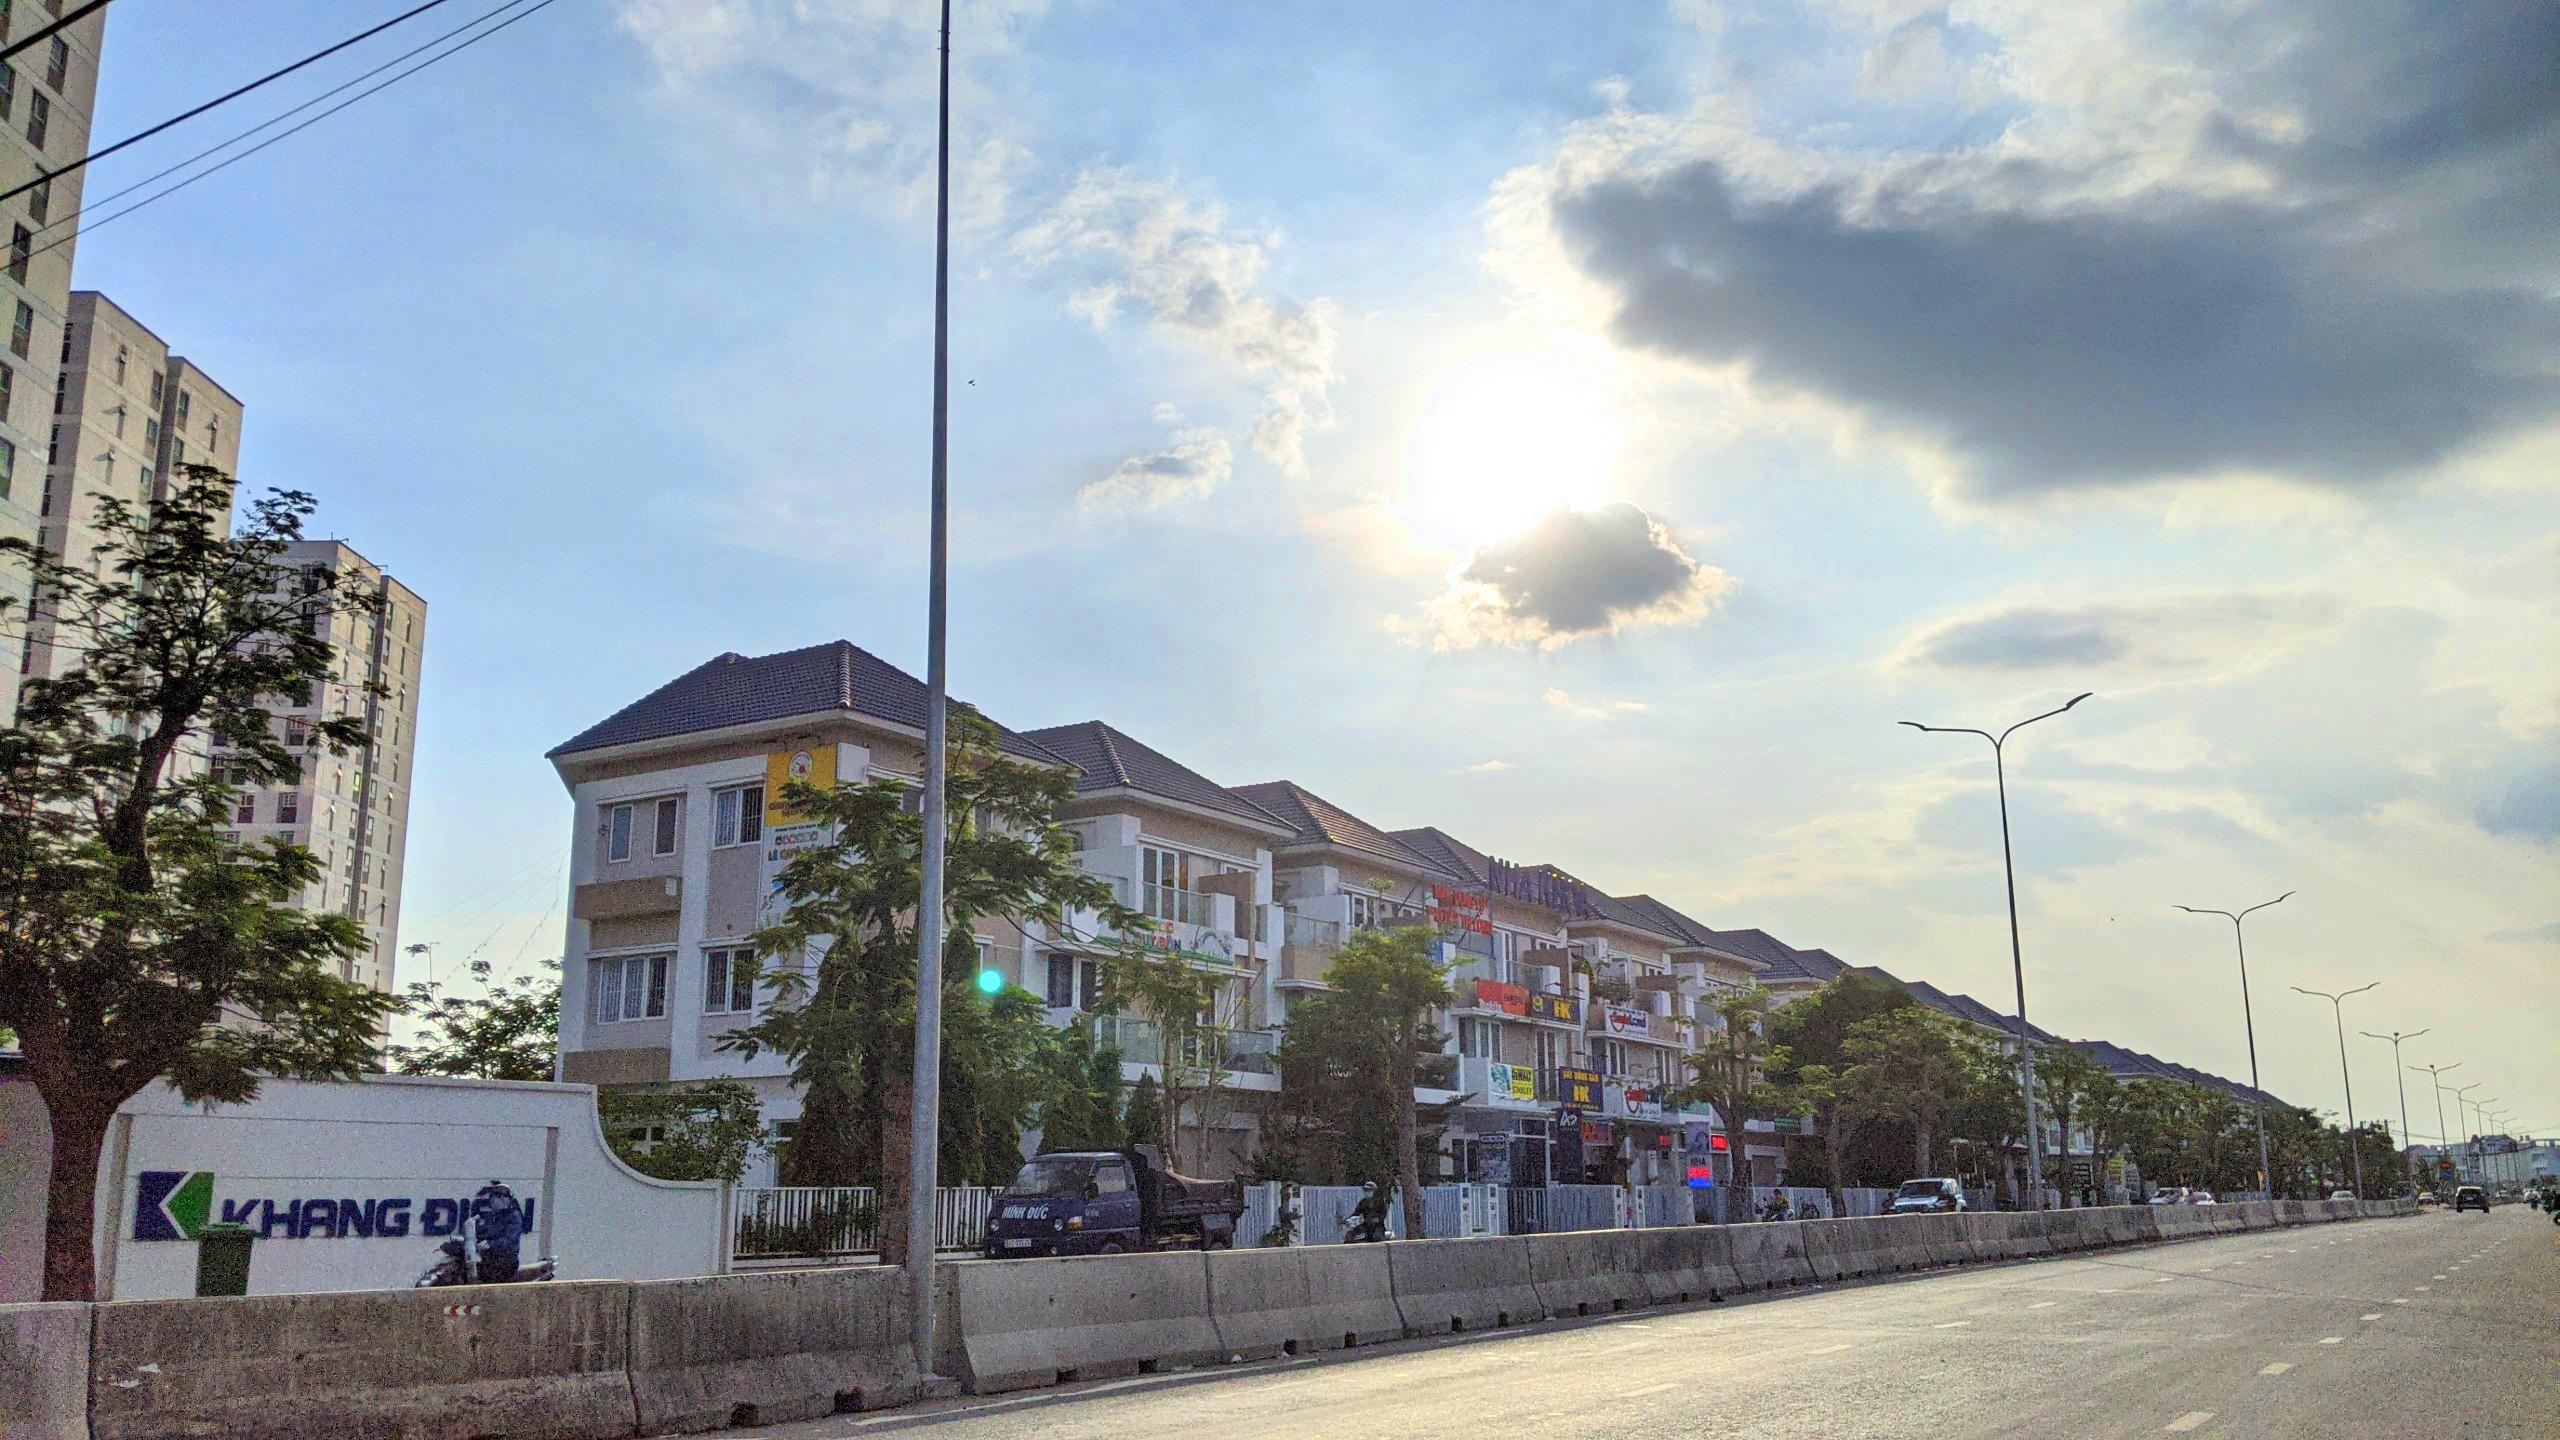 Khang Điền lên kế hoạch lãi nghìn tỷ, triển khai ba dự án tại khu Đông và Tây Sài Gòn - Ảnh 1.